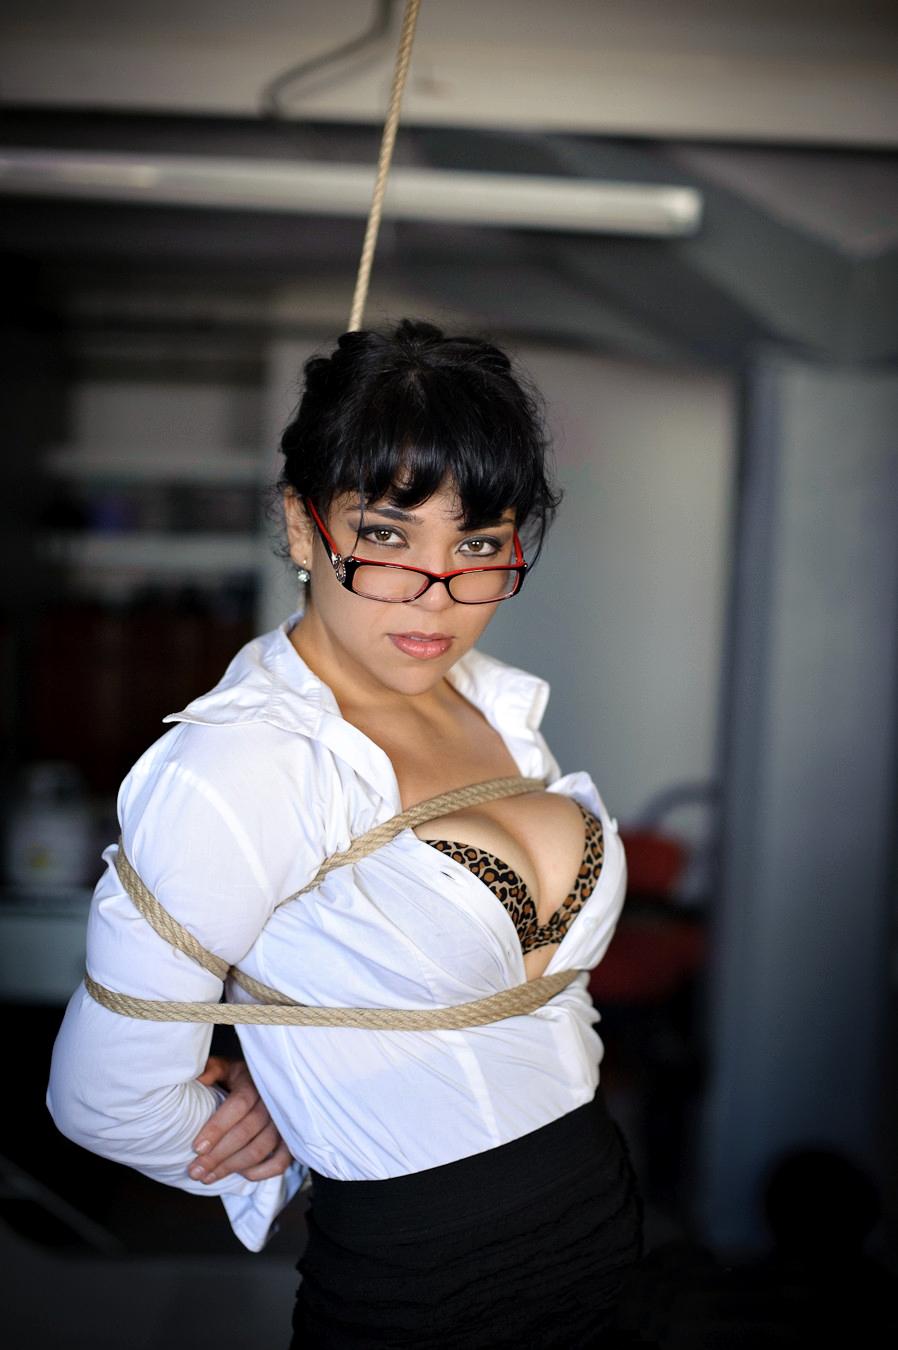 bondage girls wearing glasses